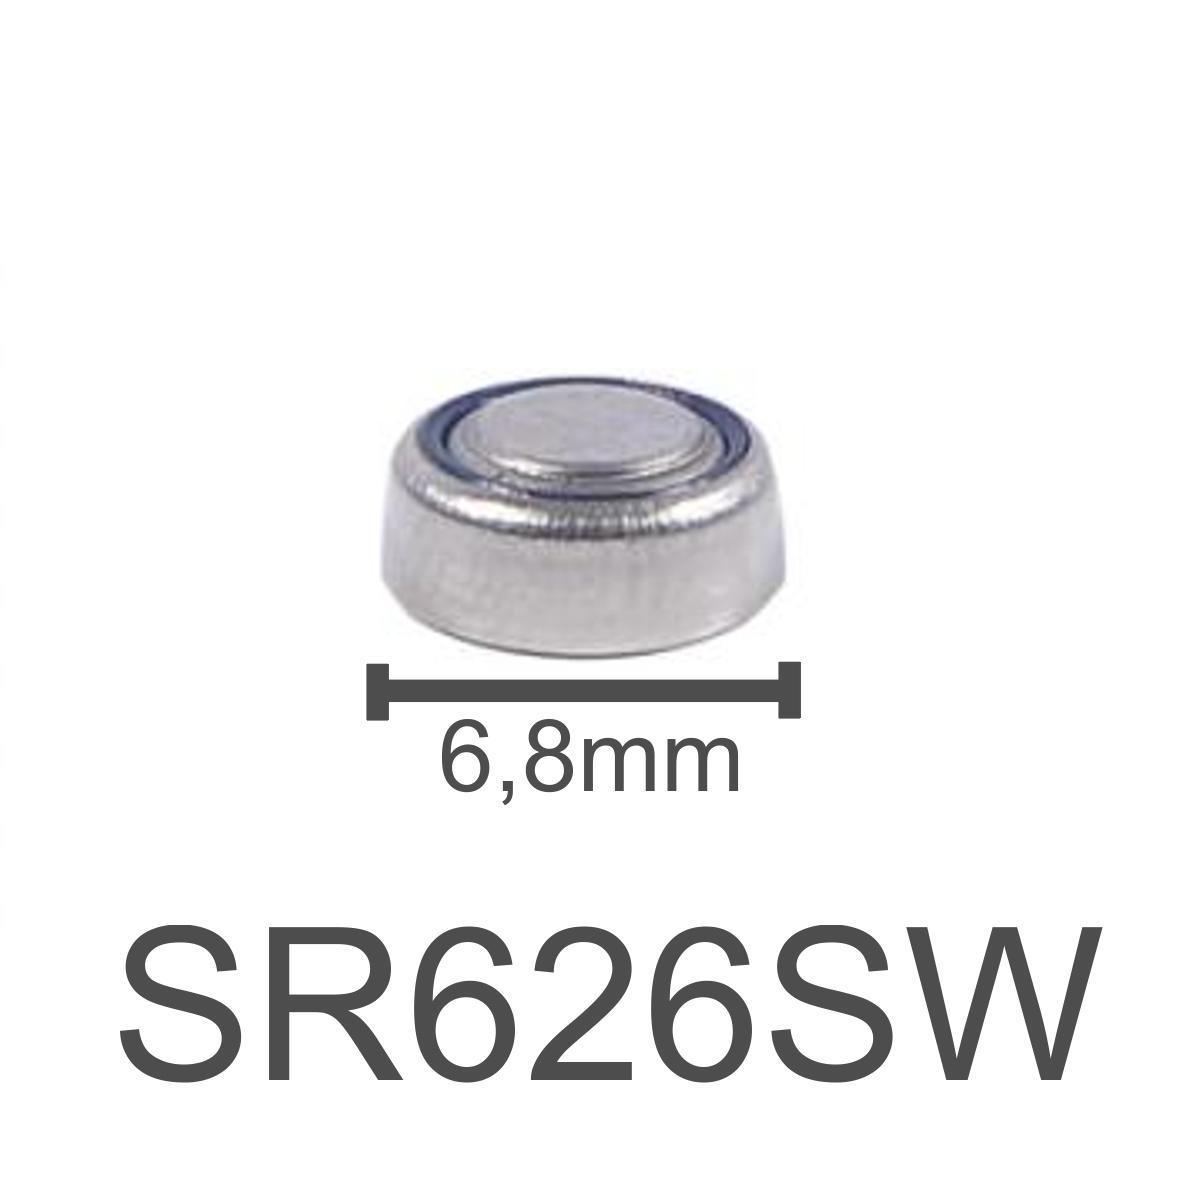 Bateria Alkaline SODA 1.55V - SR626SW